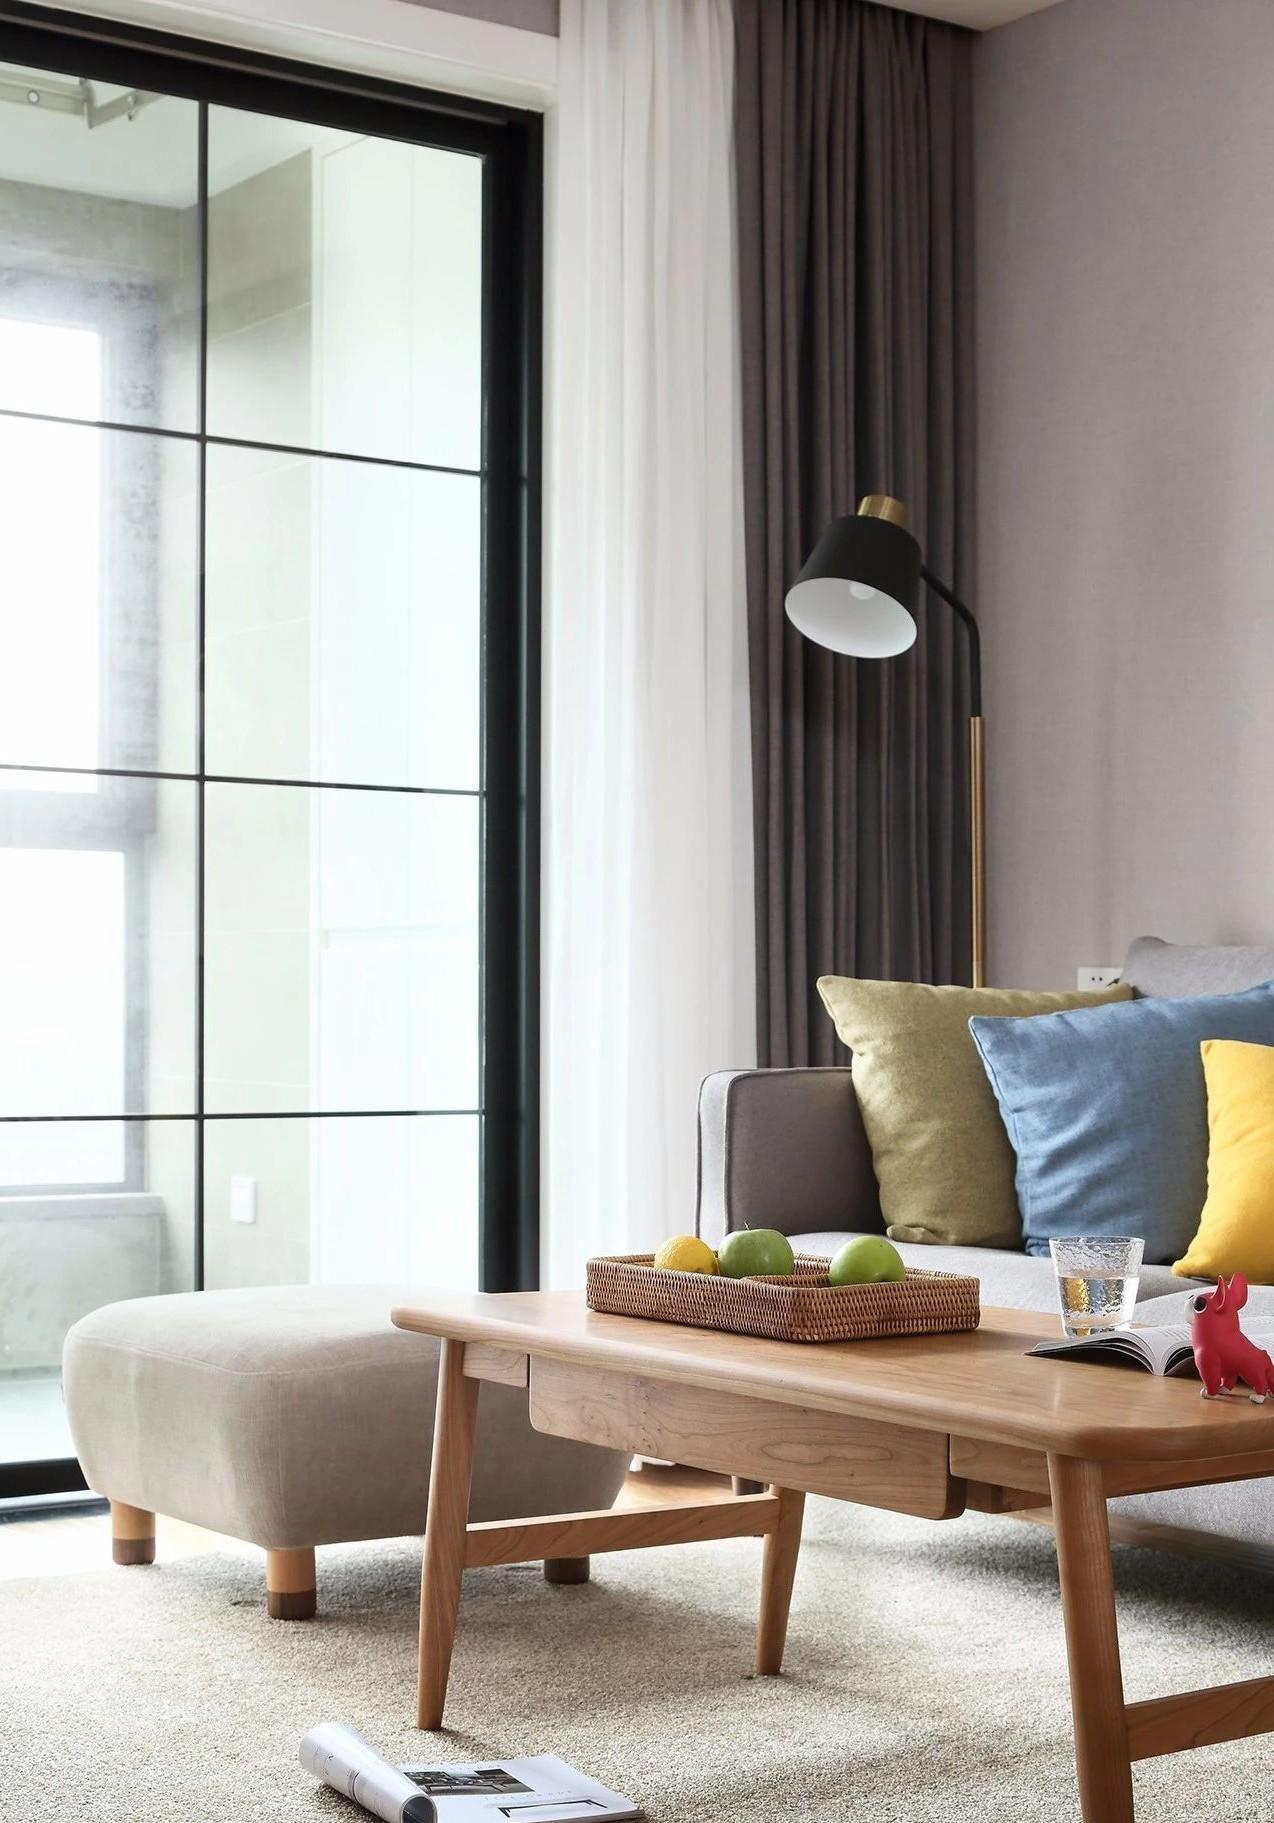 简约 现代 混搭 江北 鹏友百年 半包 基装 全案设计 家装 客厅图片来自鹏友百年装饰在现代简约三室 灰调木色自然空间的分享